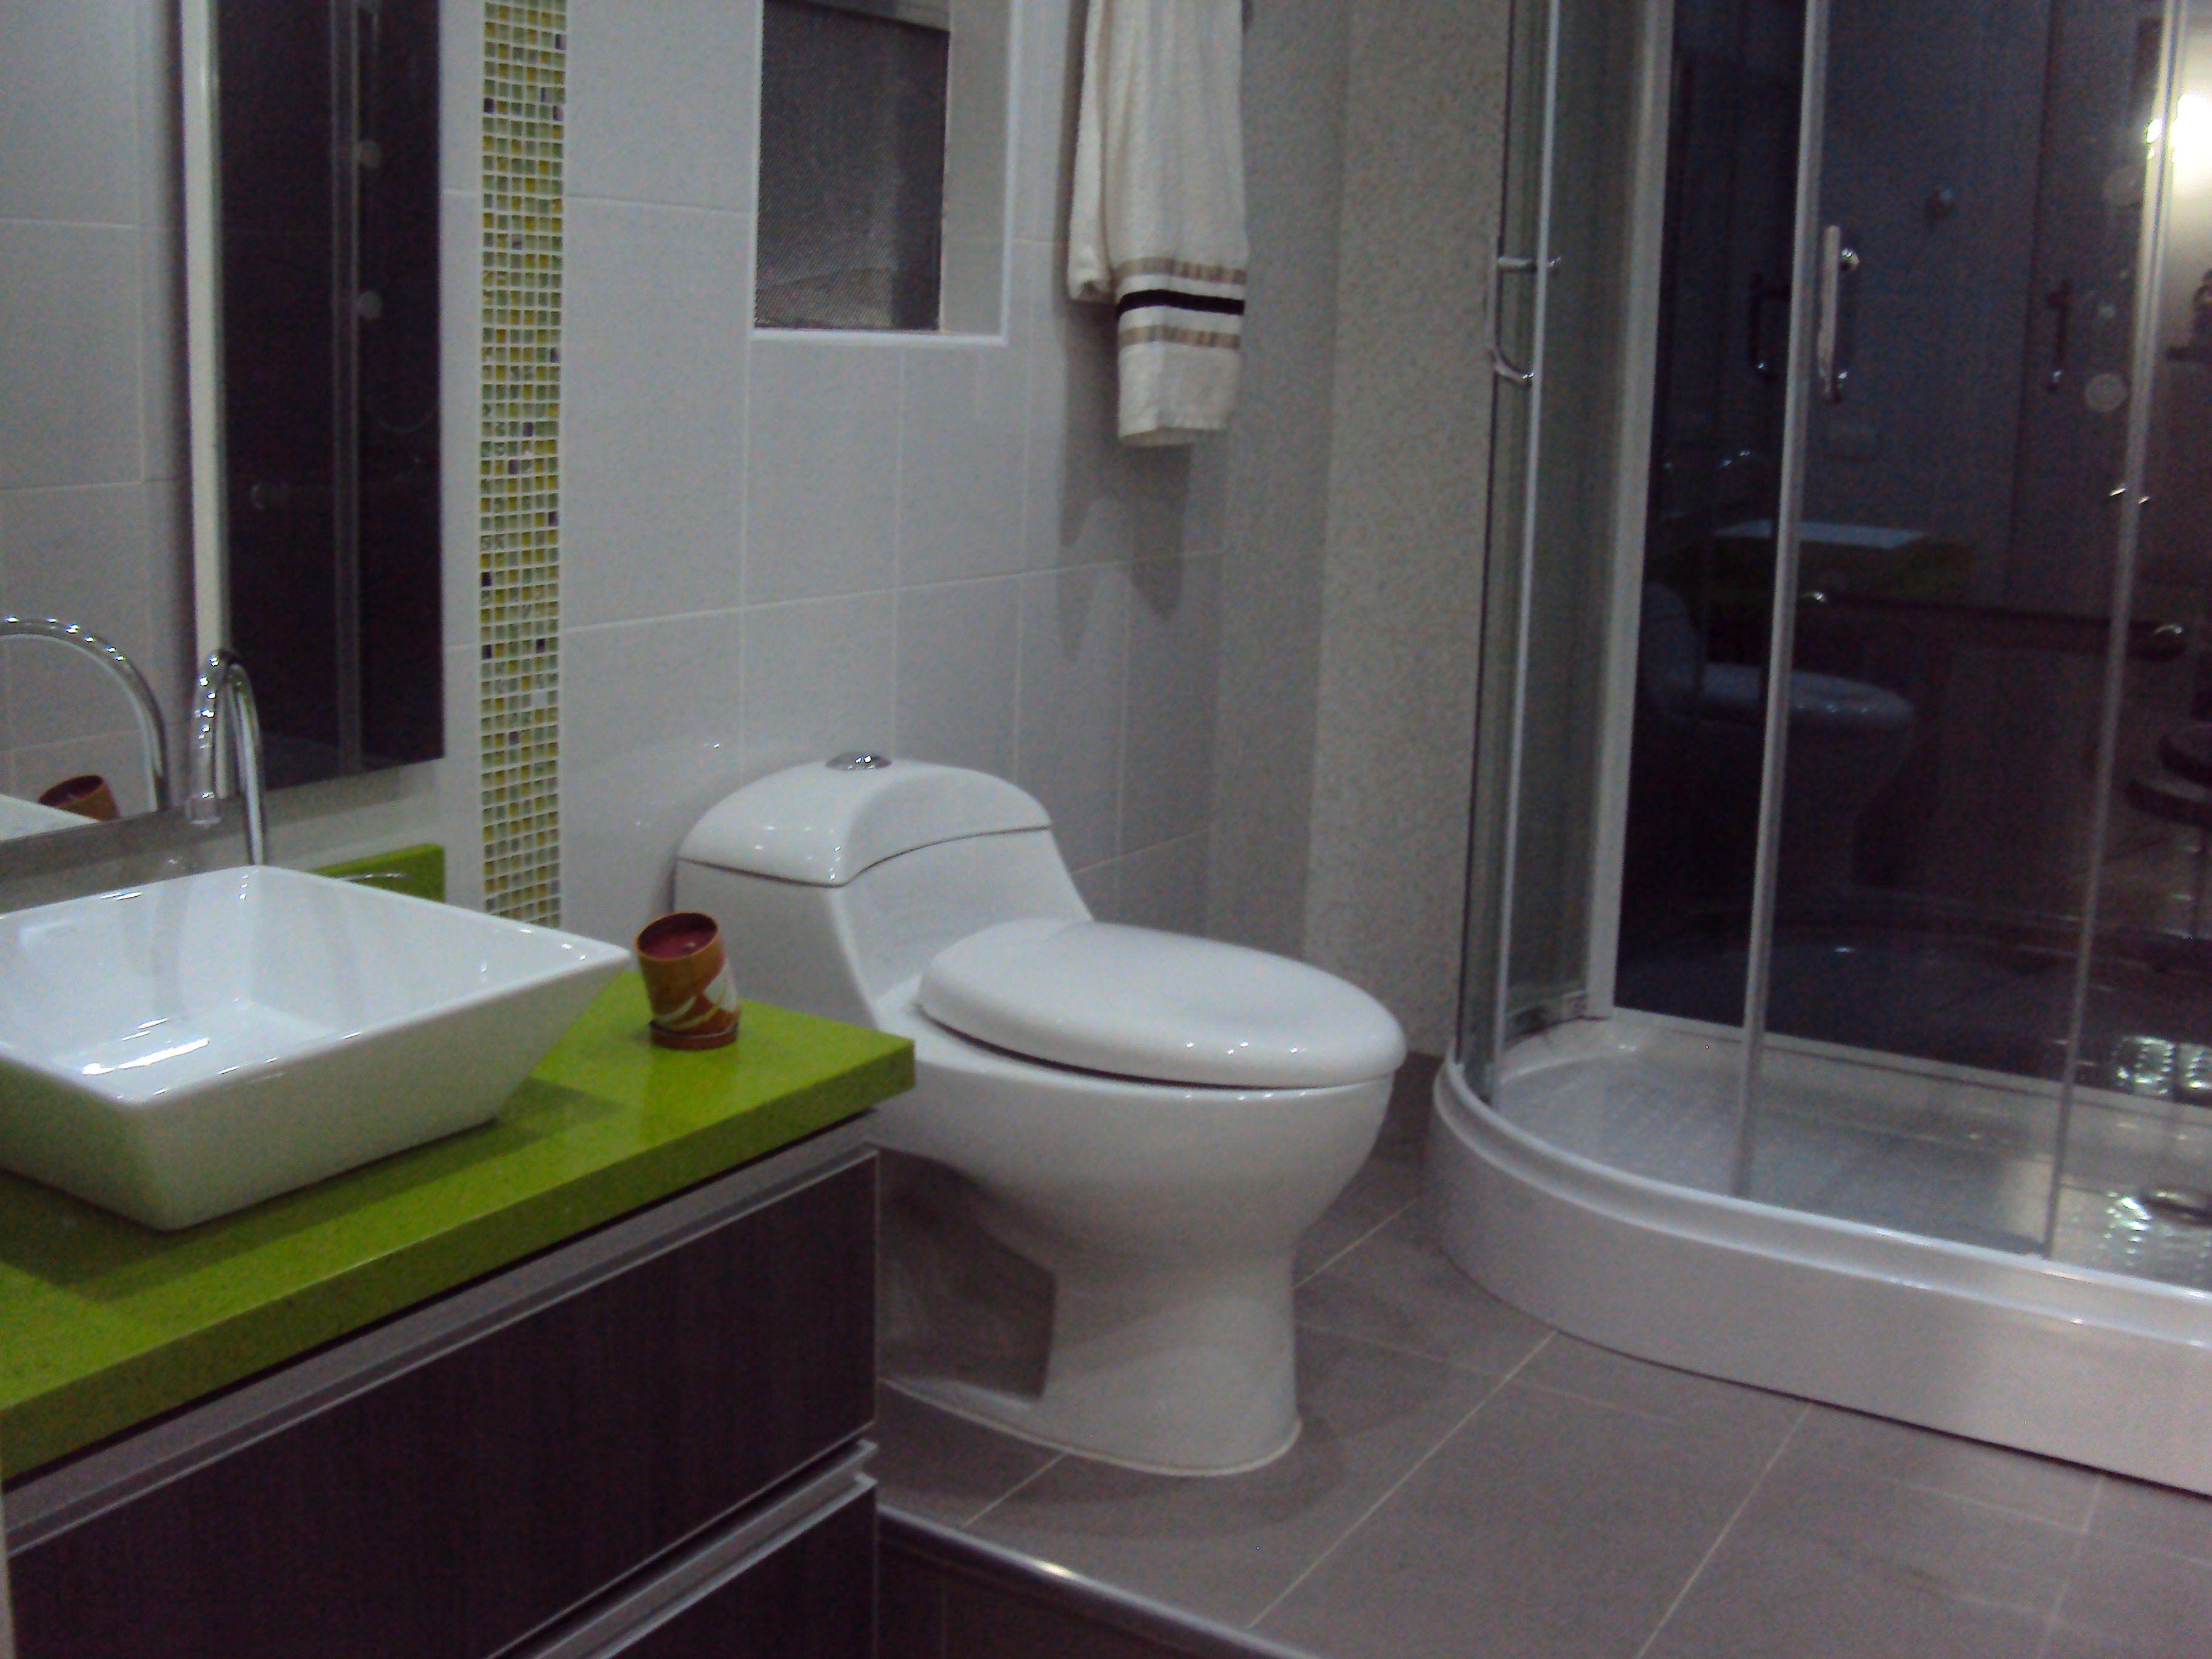 Mueble De Bano Roble Gris Meson Cuarzon Verde Star Muebles De Bano Banos Estilos Tradicionales